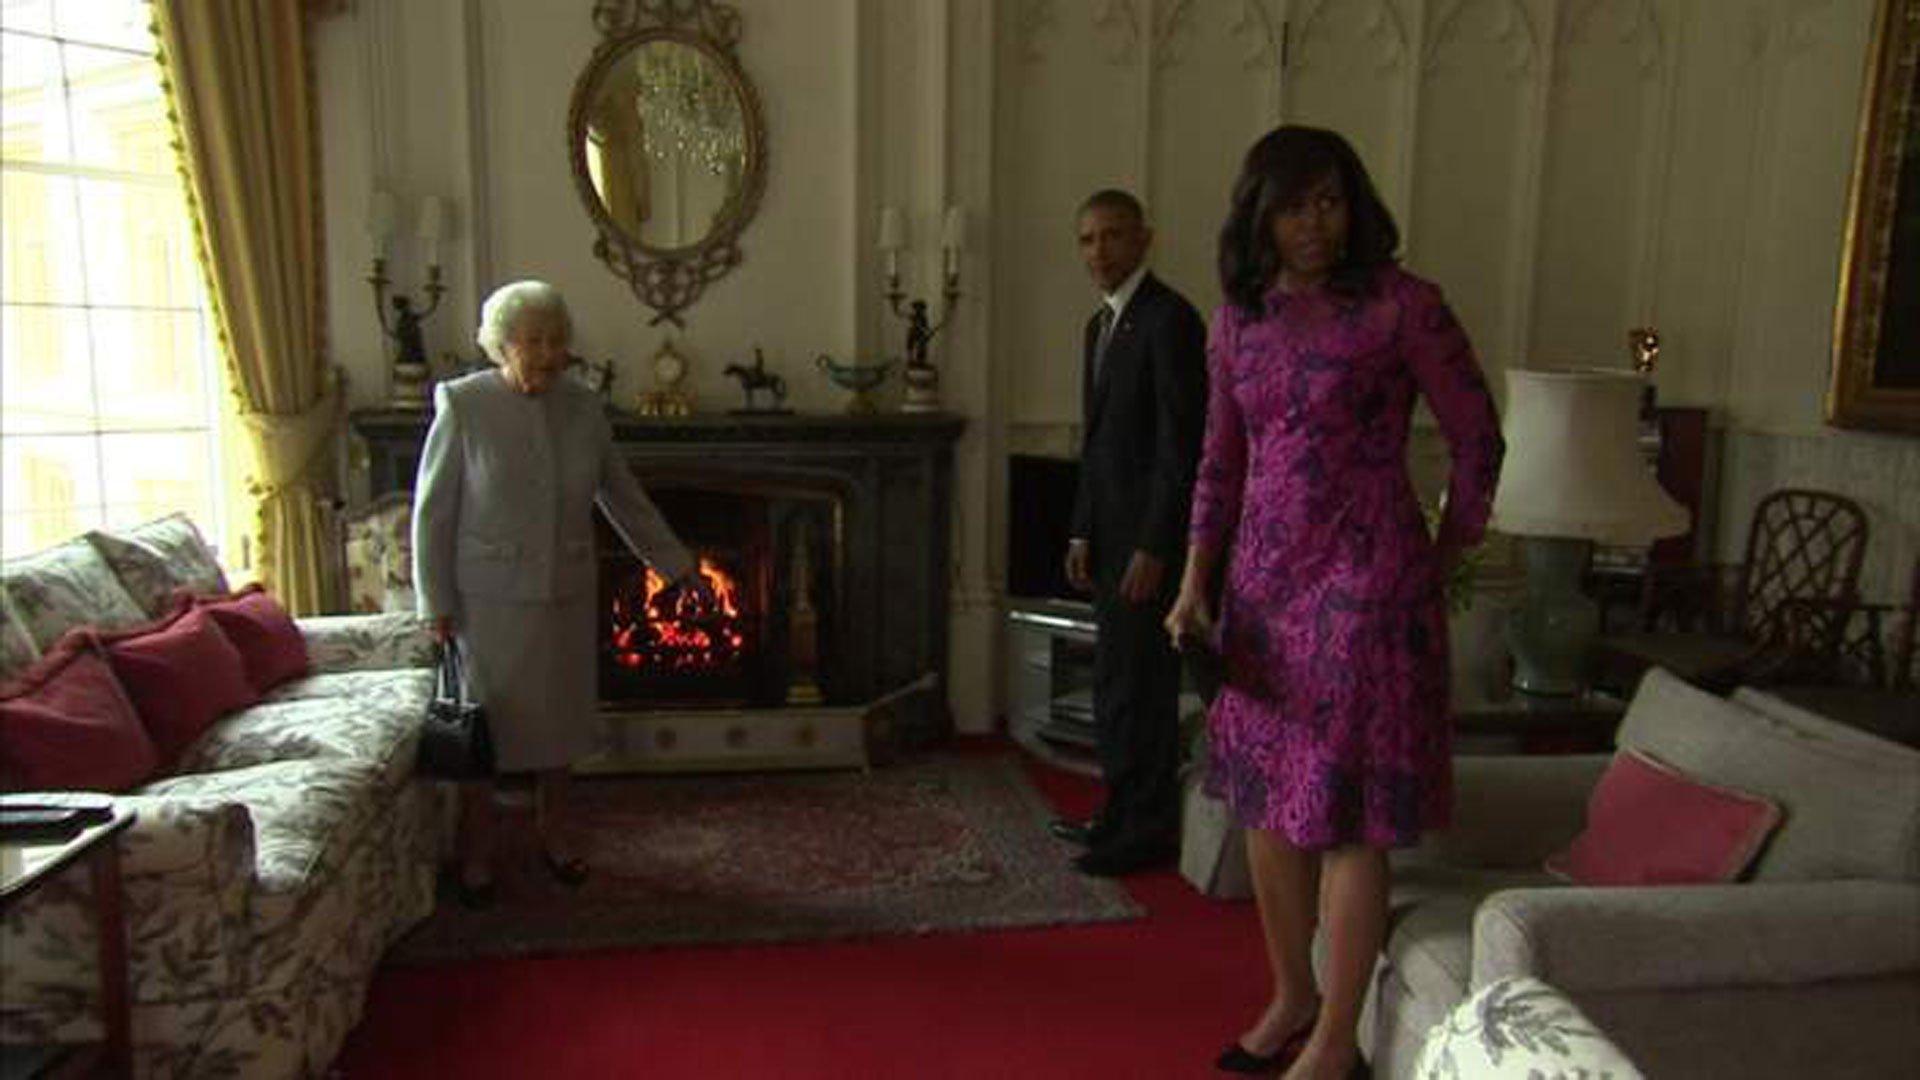 En el interior del castillo, la reina recibió a la pareja norteamericana con el calor de un hogar encendido